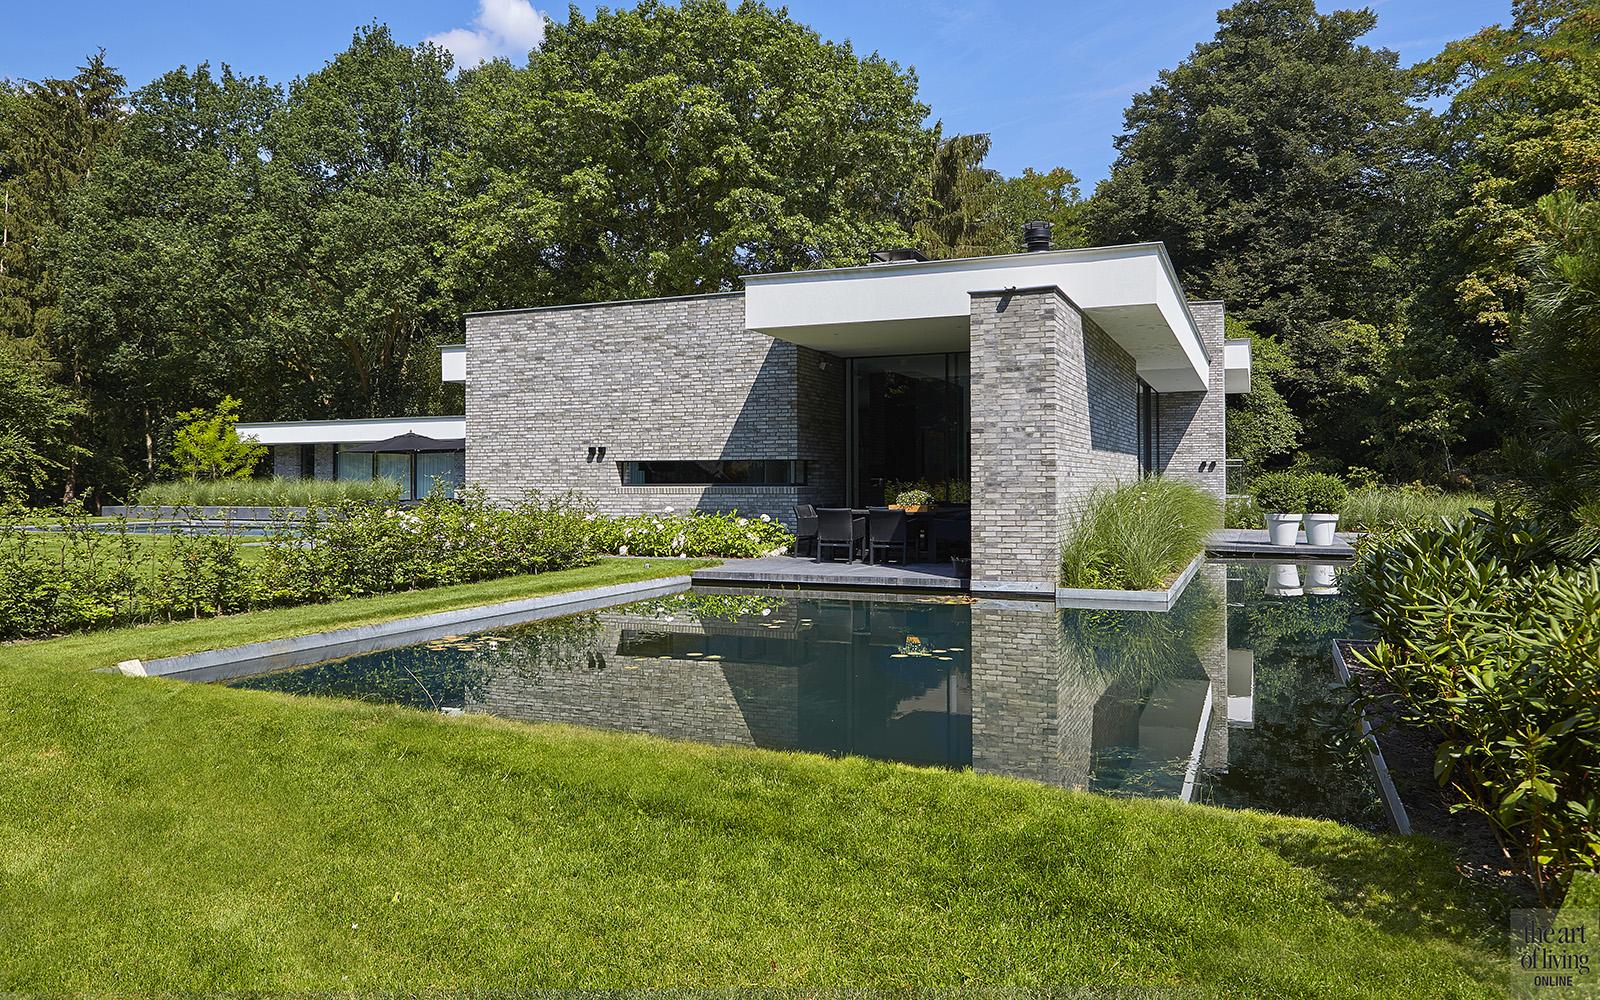 Nieuwbouw villa, Split level, Strak, Modern, Joost van der Sande, Exterieur, Vijver